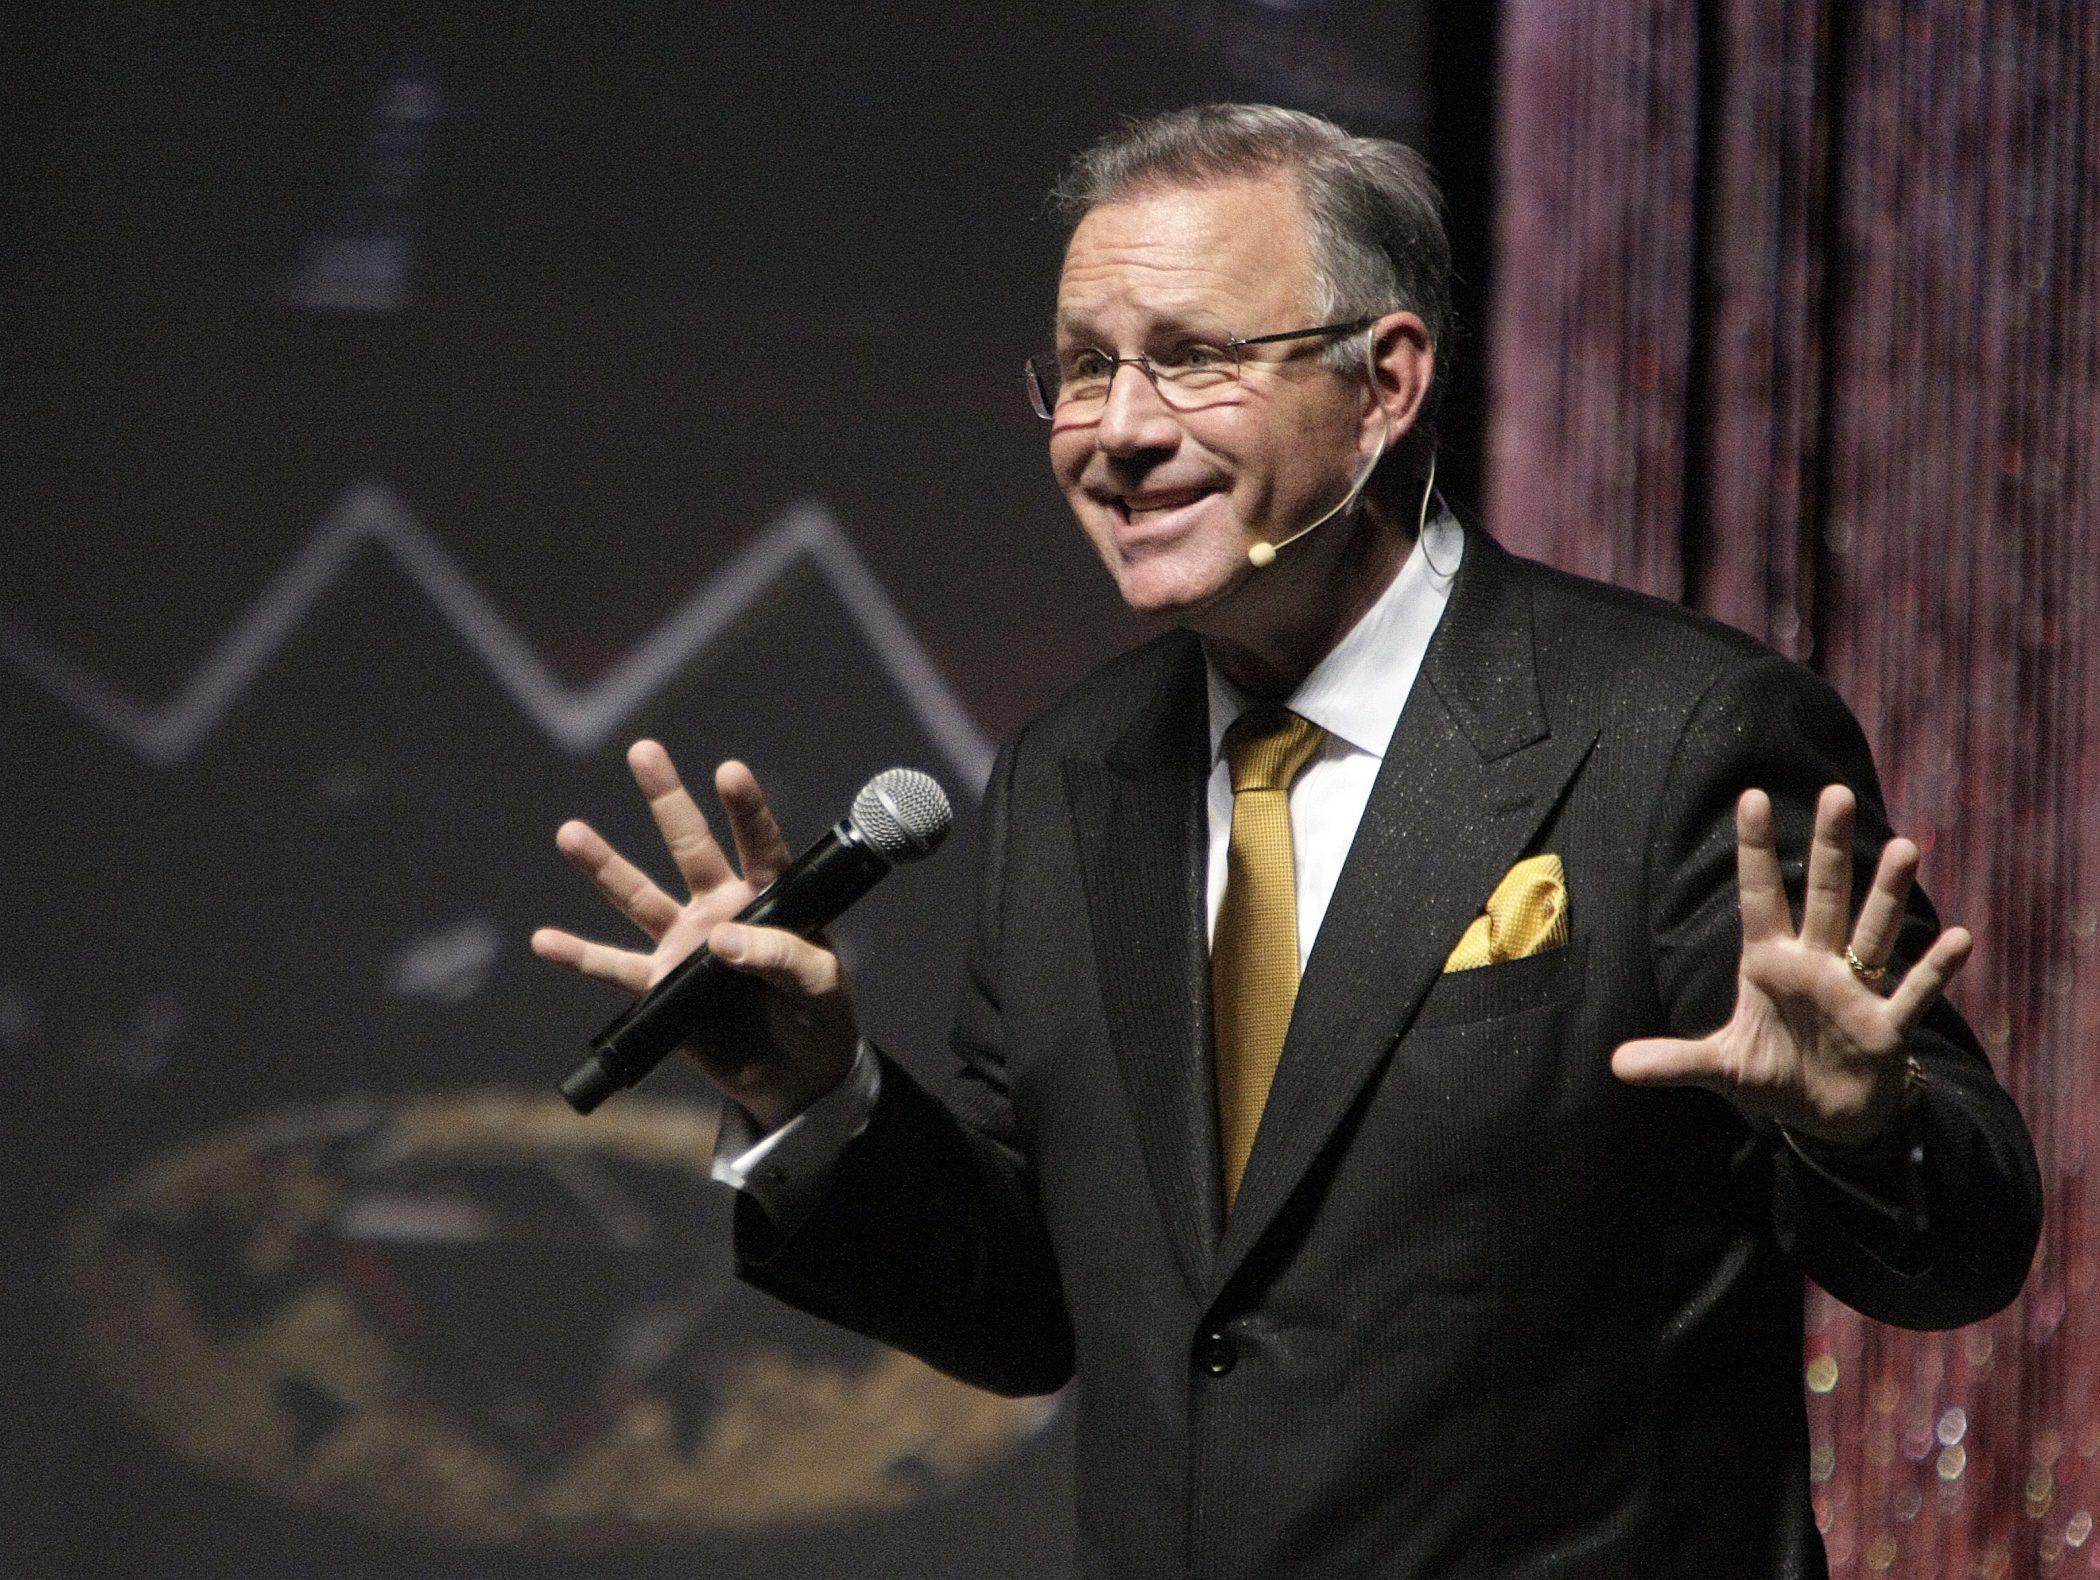 Greg Duncan Giving a Motivational Speech